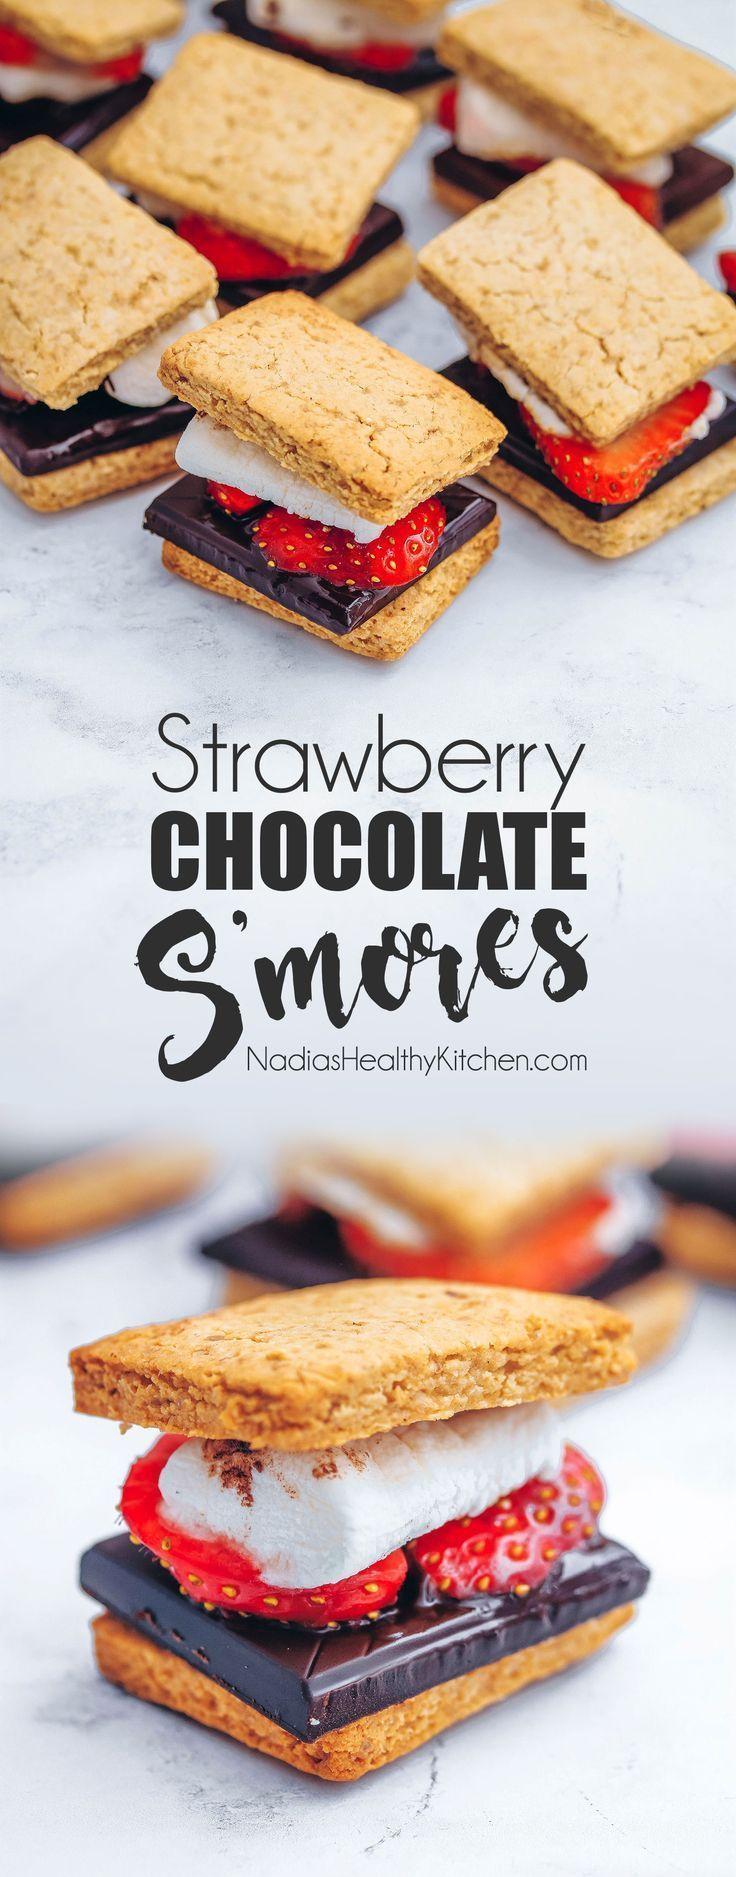 Strawberry Chocolate S'mores #chocolate #mores #strawberry #healthyrecipes